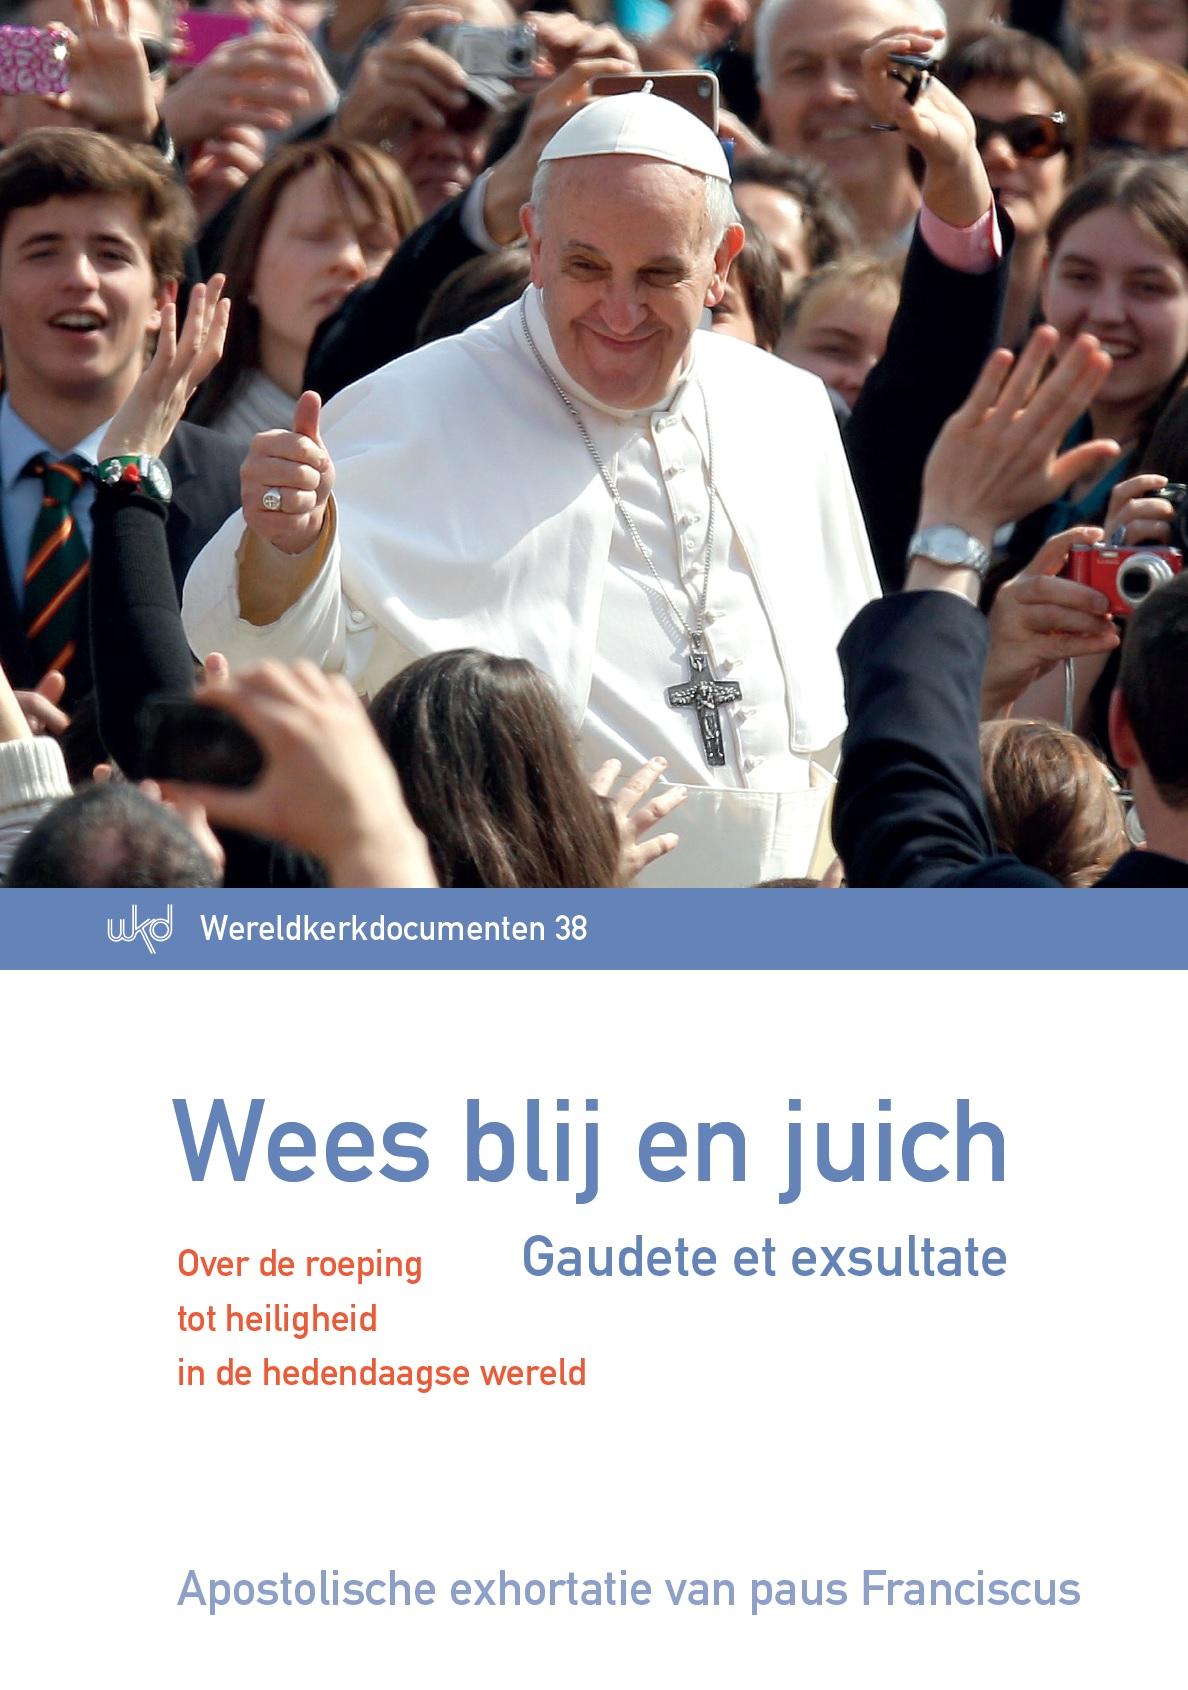 Cover van 'Wees blij en juich – Over de roeping tot heiligheid in de hedendaagse wereld'  © Licap